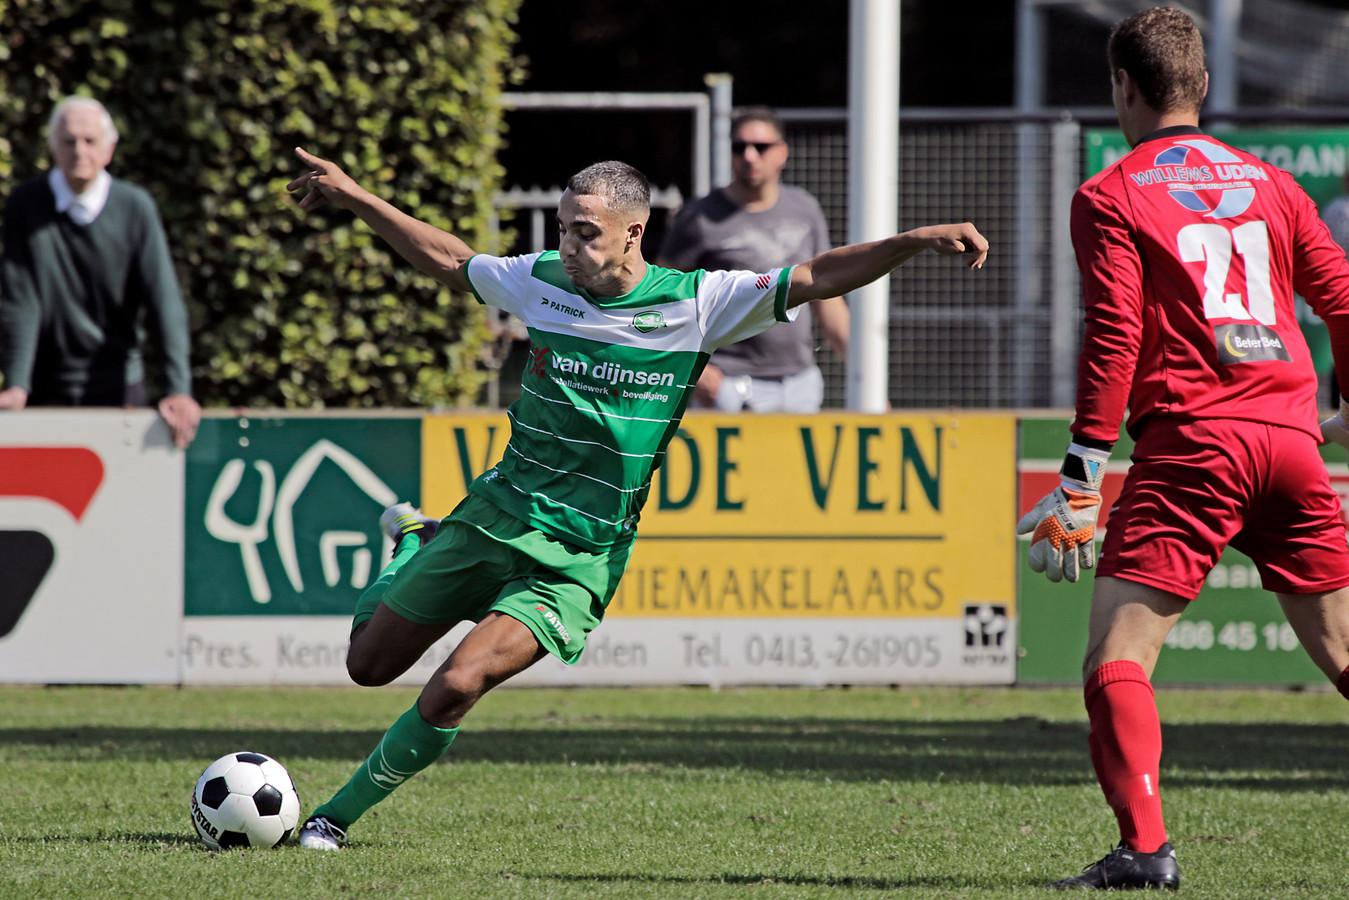 Nizar Mekkaoui haalt uit en maakt 1-1.